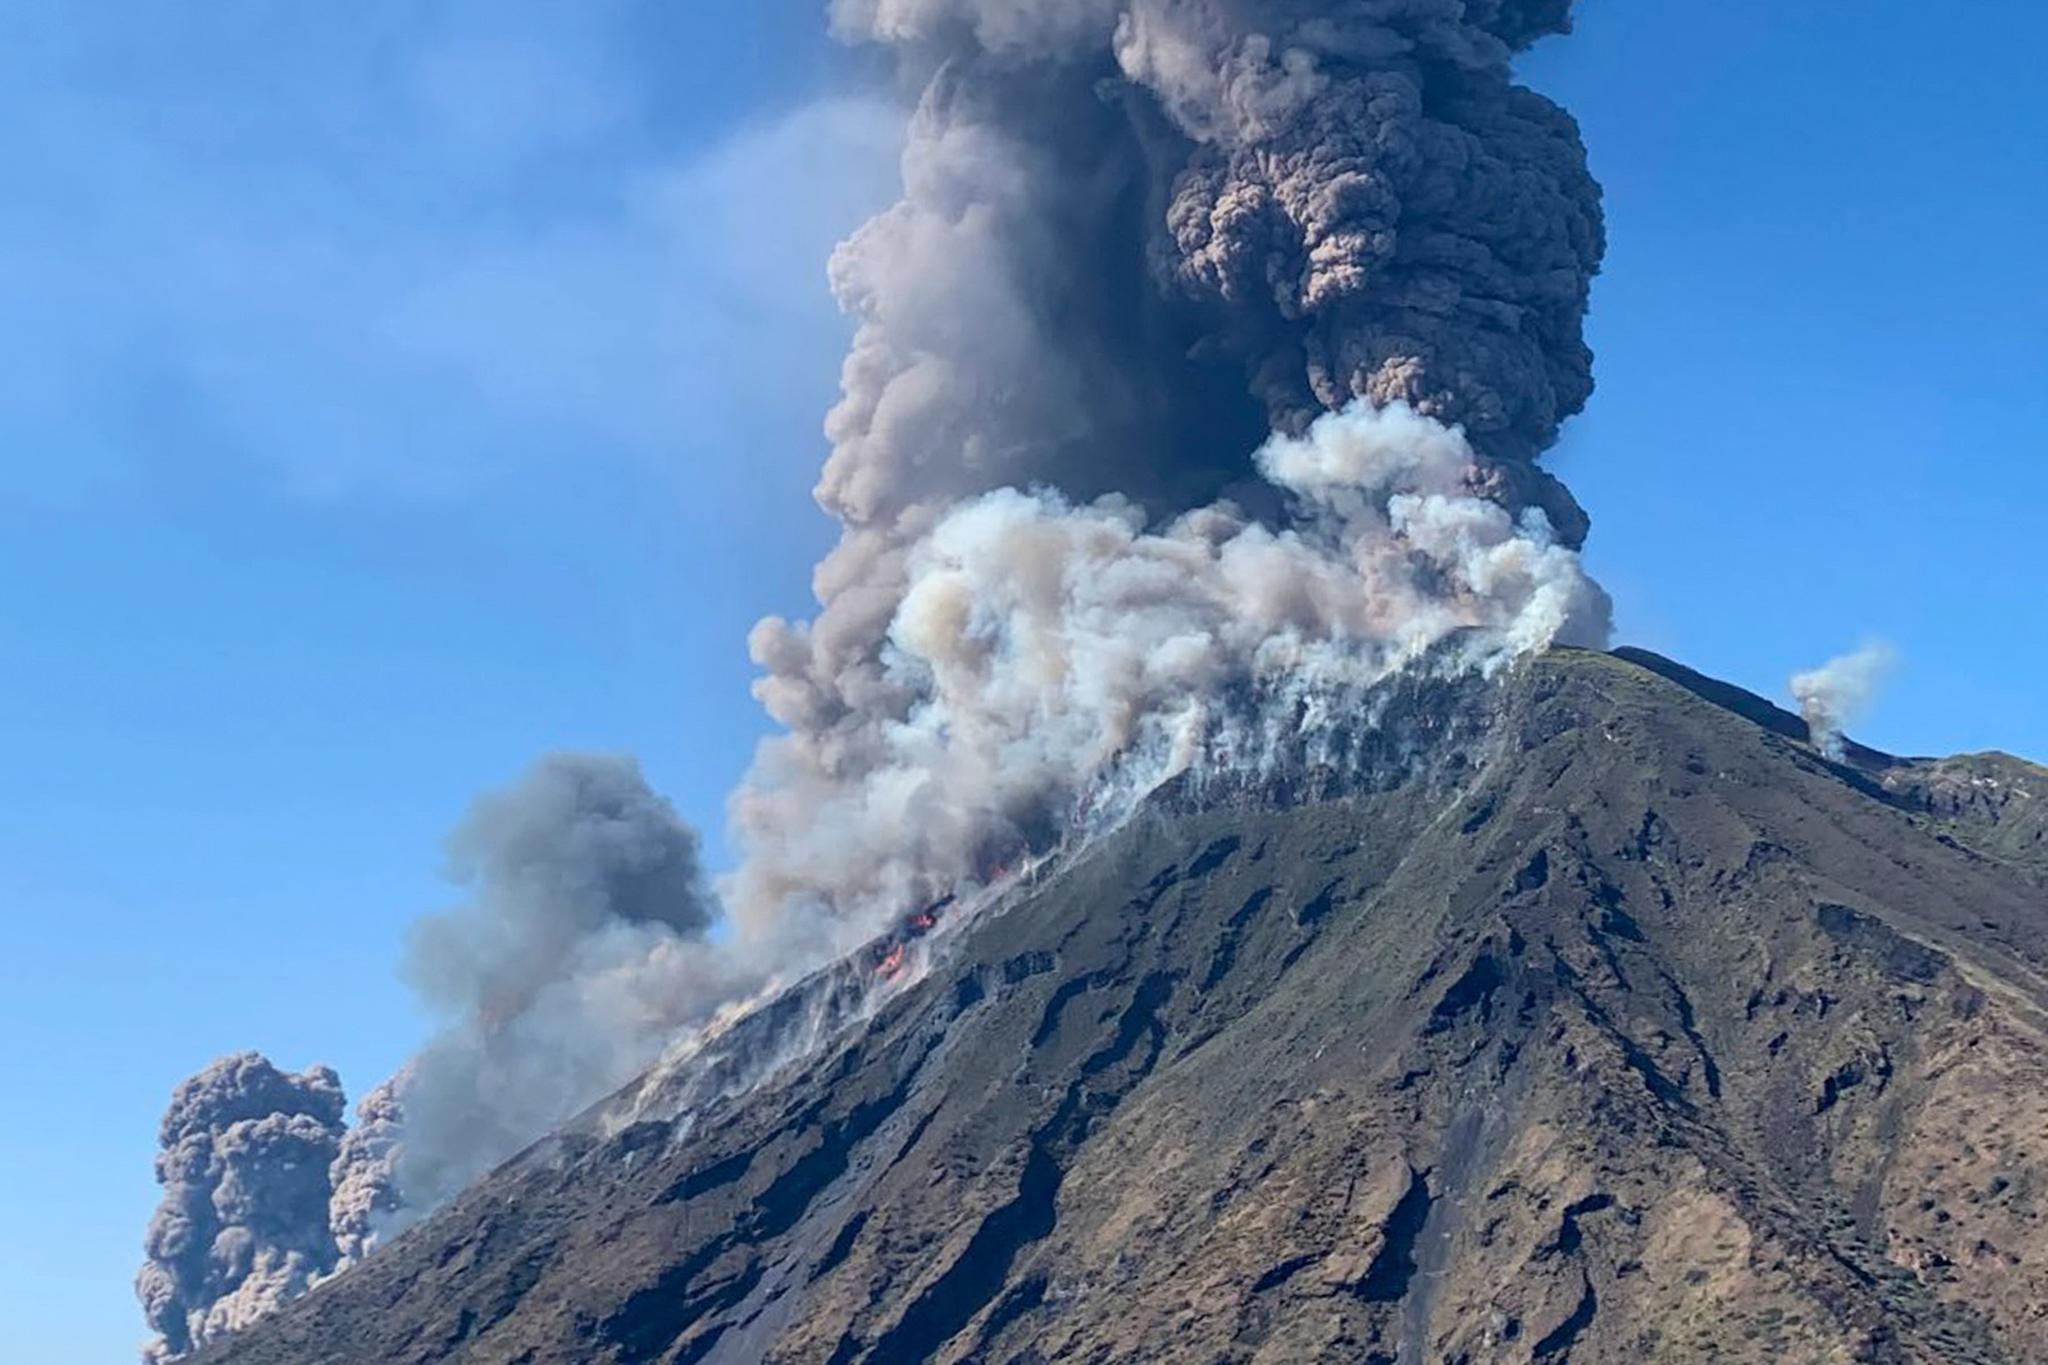 이탈리아 남부 지중해의 스트롬볼리 화산이 3일(현지시간) 강력하게 분화했다. 한명이 사망하고 관광객들이 현장을 급히 벗어났지만 정확한 피해상황은 알려지지 않았다. [AFP=연합뉴스]